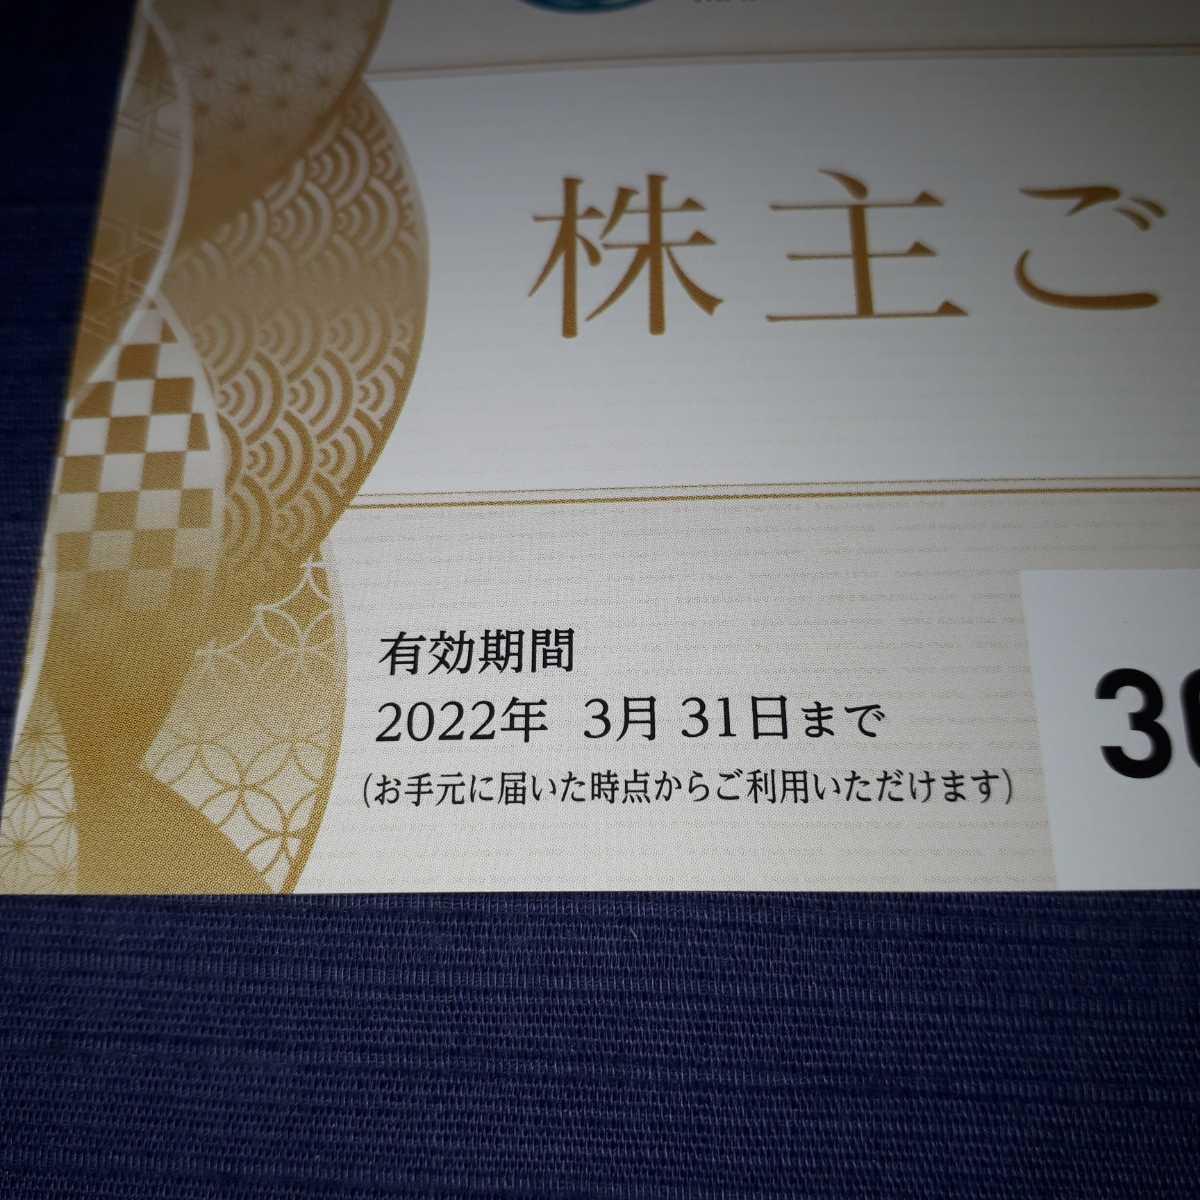 三光マーケティングフーズ株主ご優待券 4枚有効期限2022年3月31日 送料63円 C_画像2